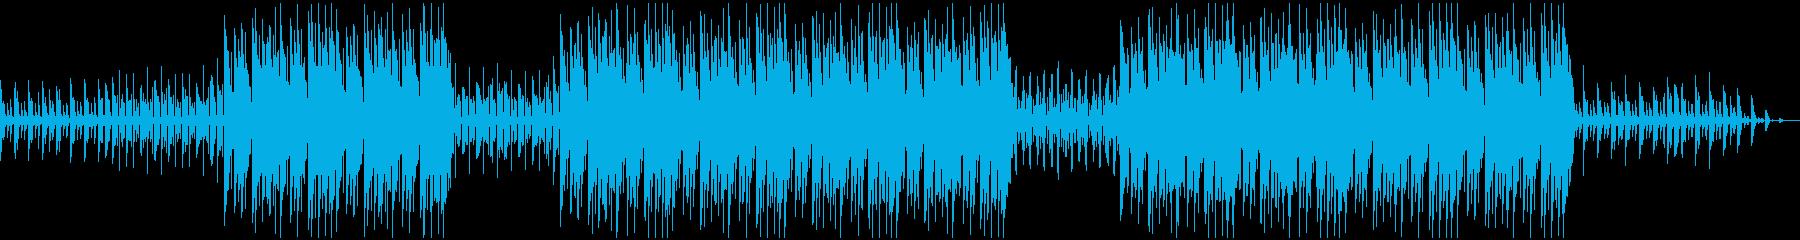 上品で優雅なヒップホップBGMの再生済みの波形